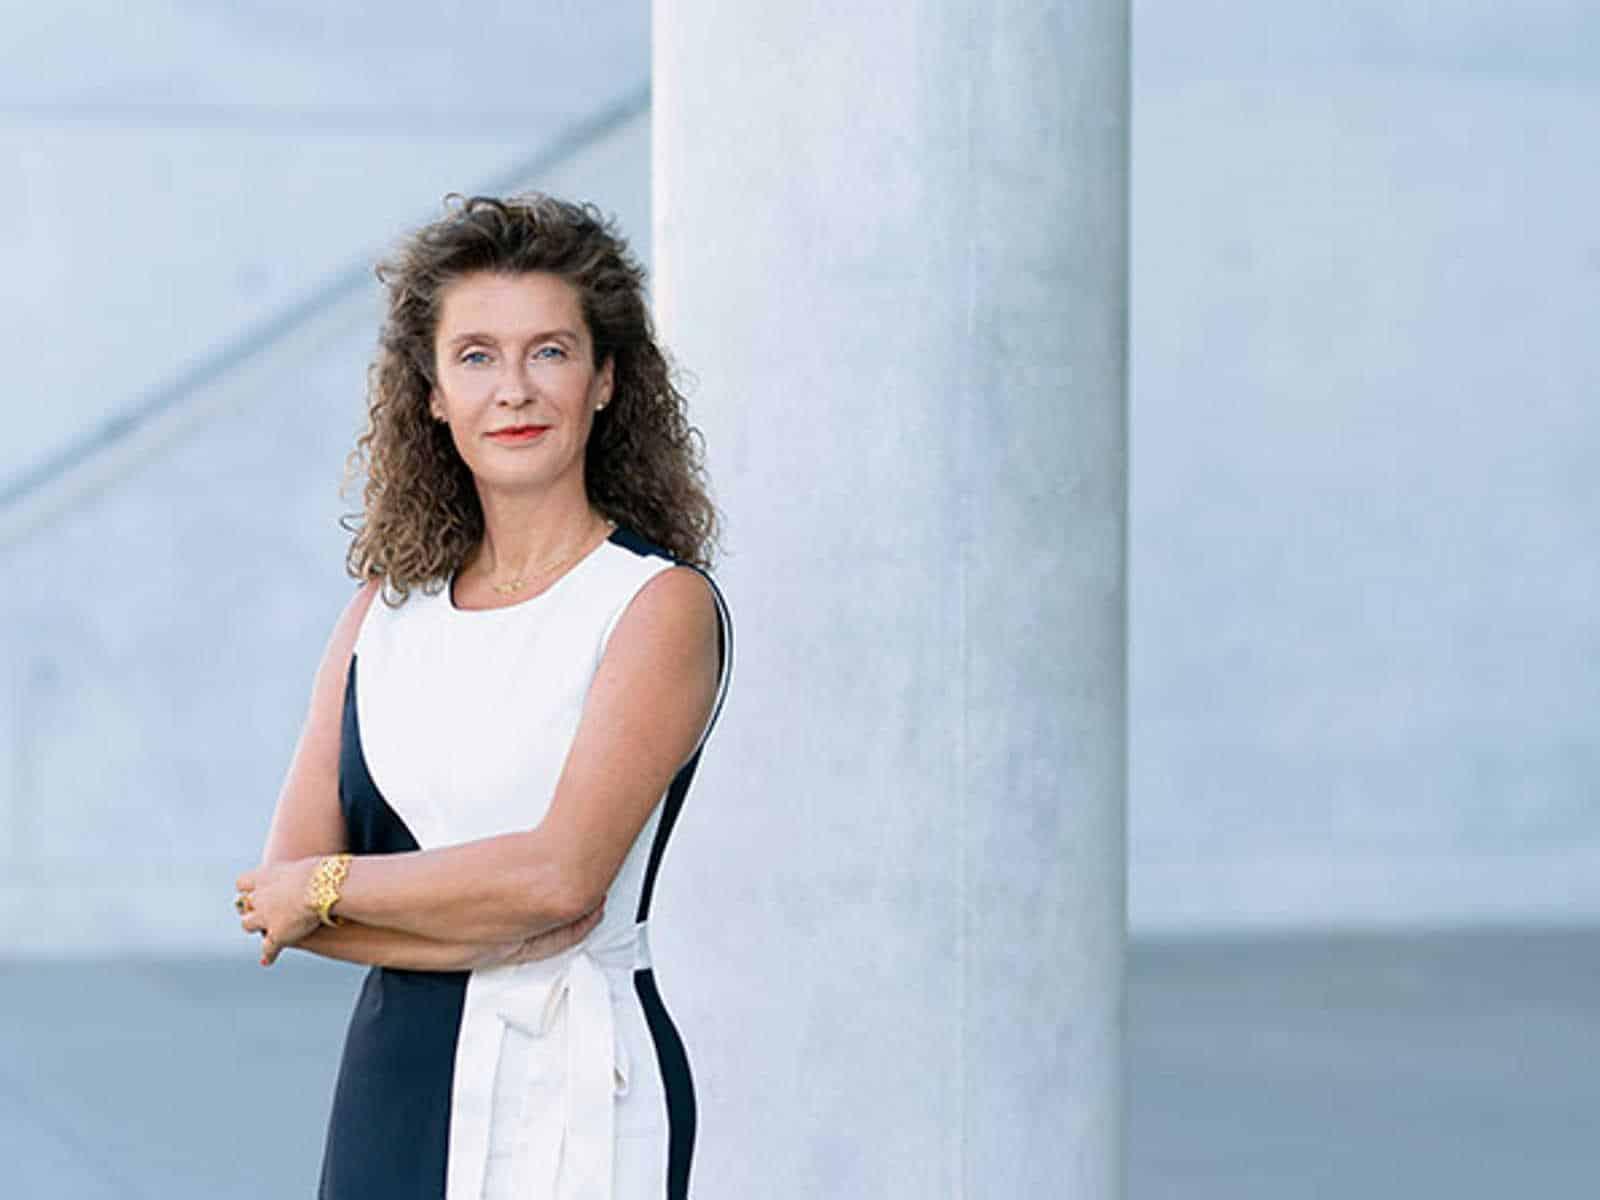 Susan Mathony